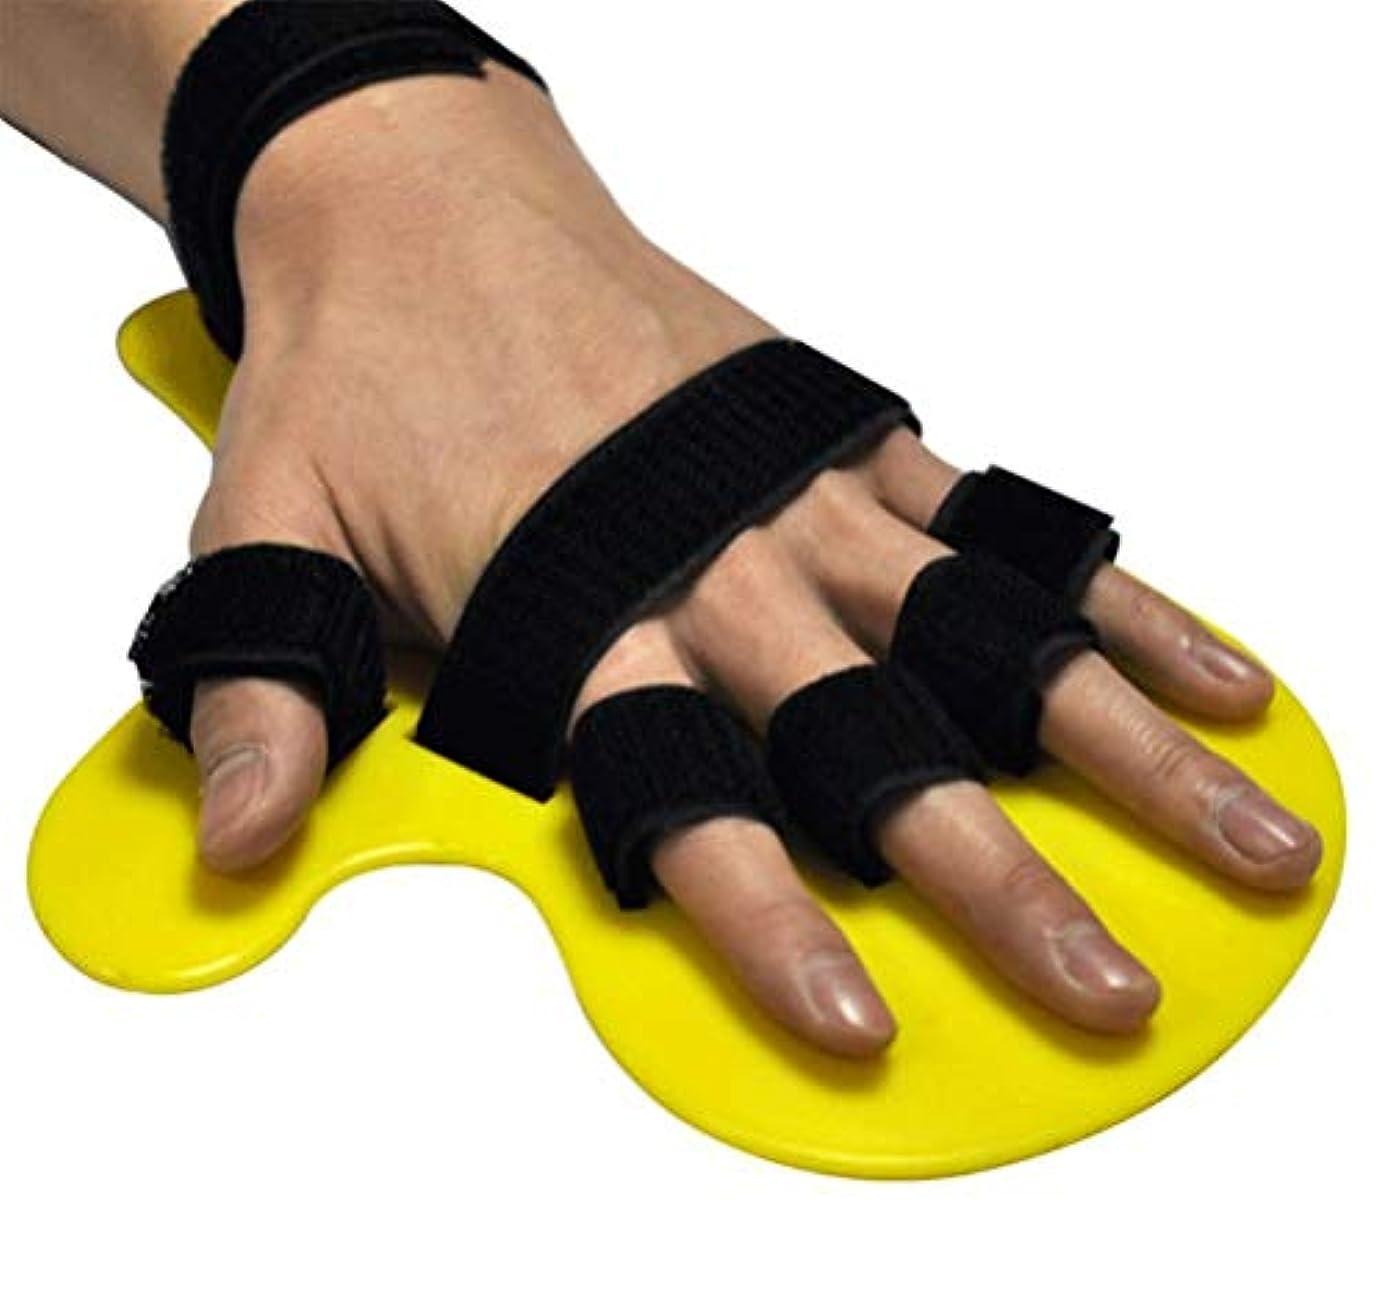 液体怪しいコイル研修会フィンガースプリント指リハビリテーション指インソール指、機器医療の手の手首の装具デバイスを指